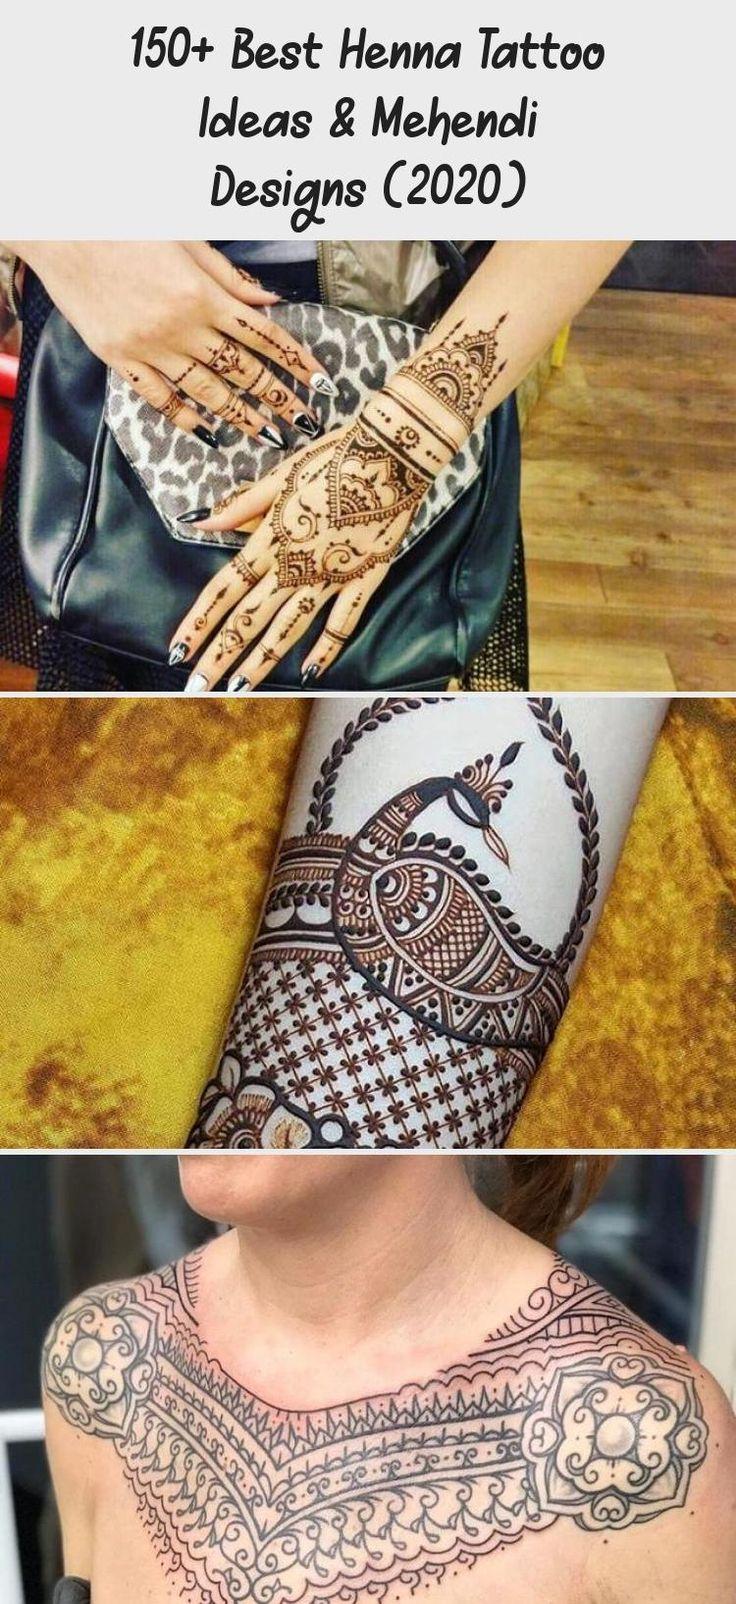 Tattoo Removal Kit Walmart